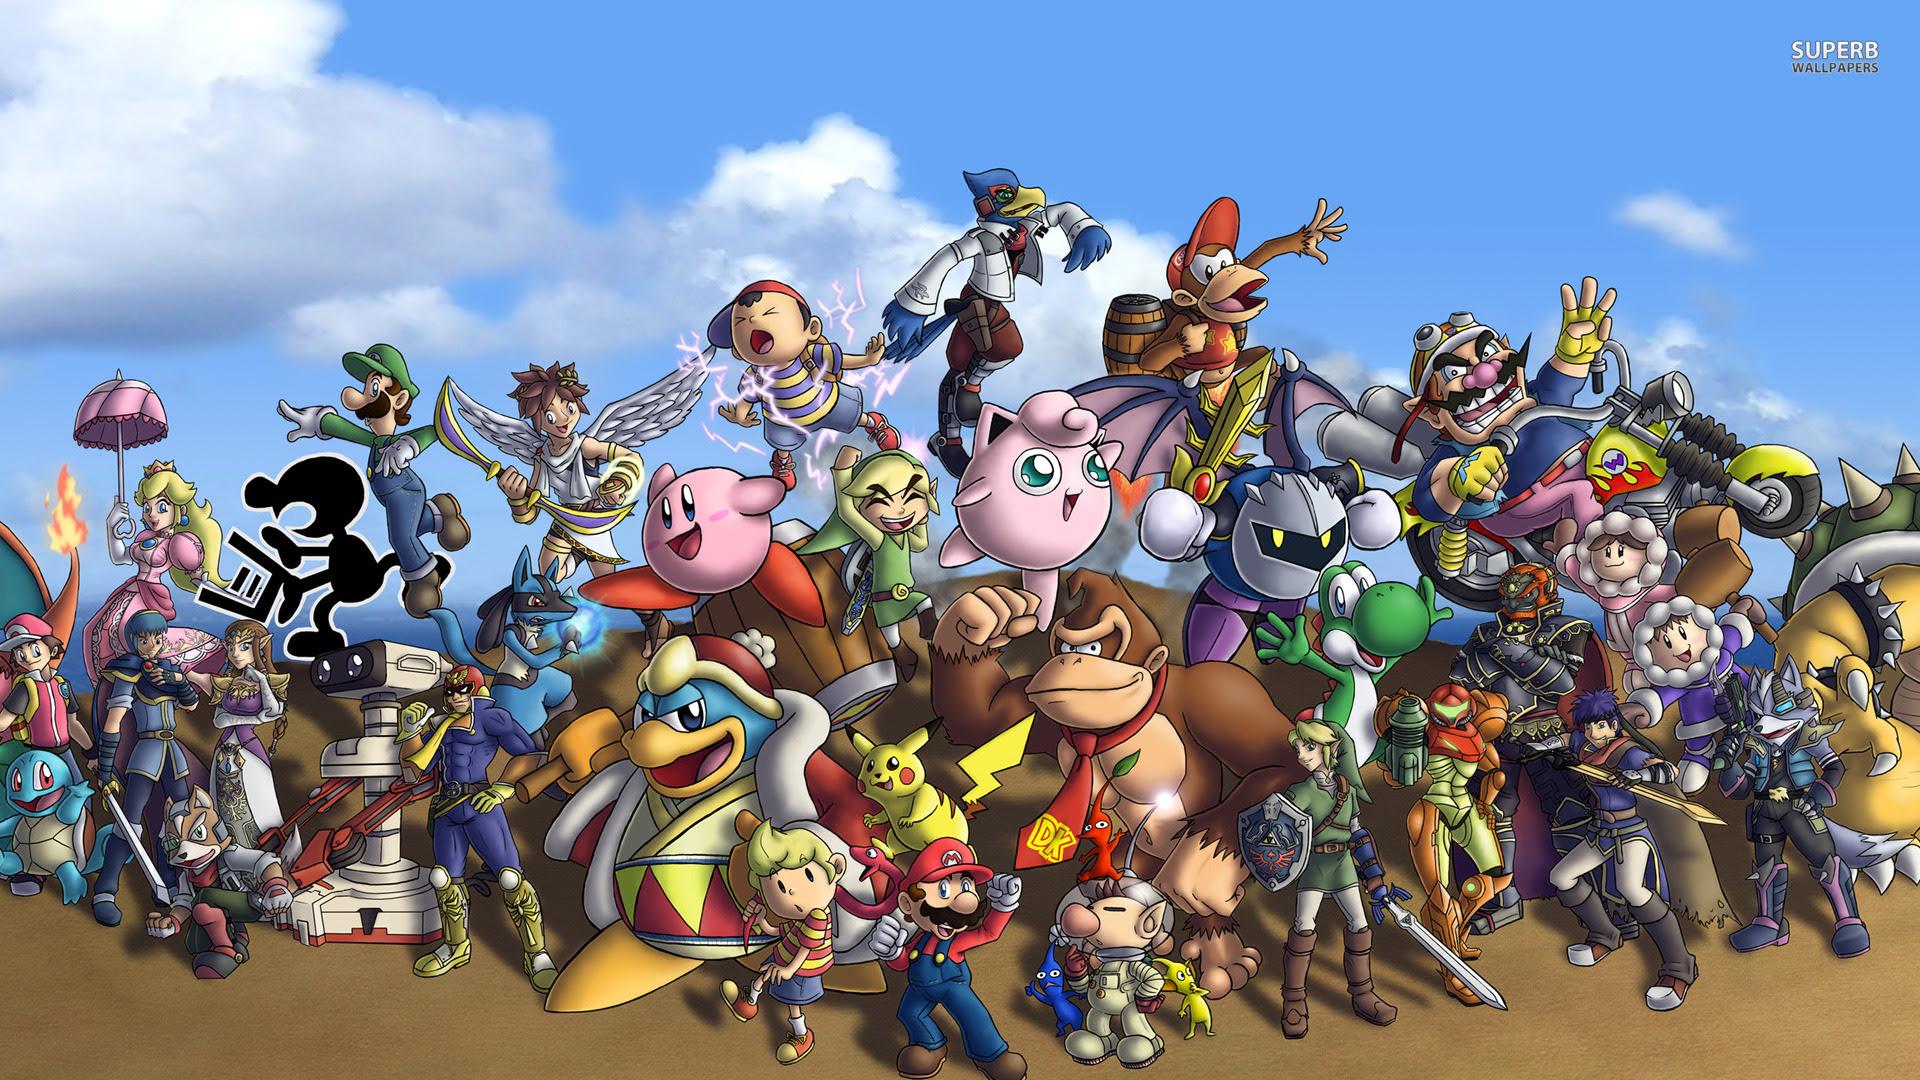 Super Smash Bros Wallpaper 1920x1080 52722